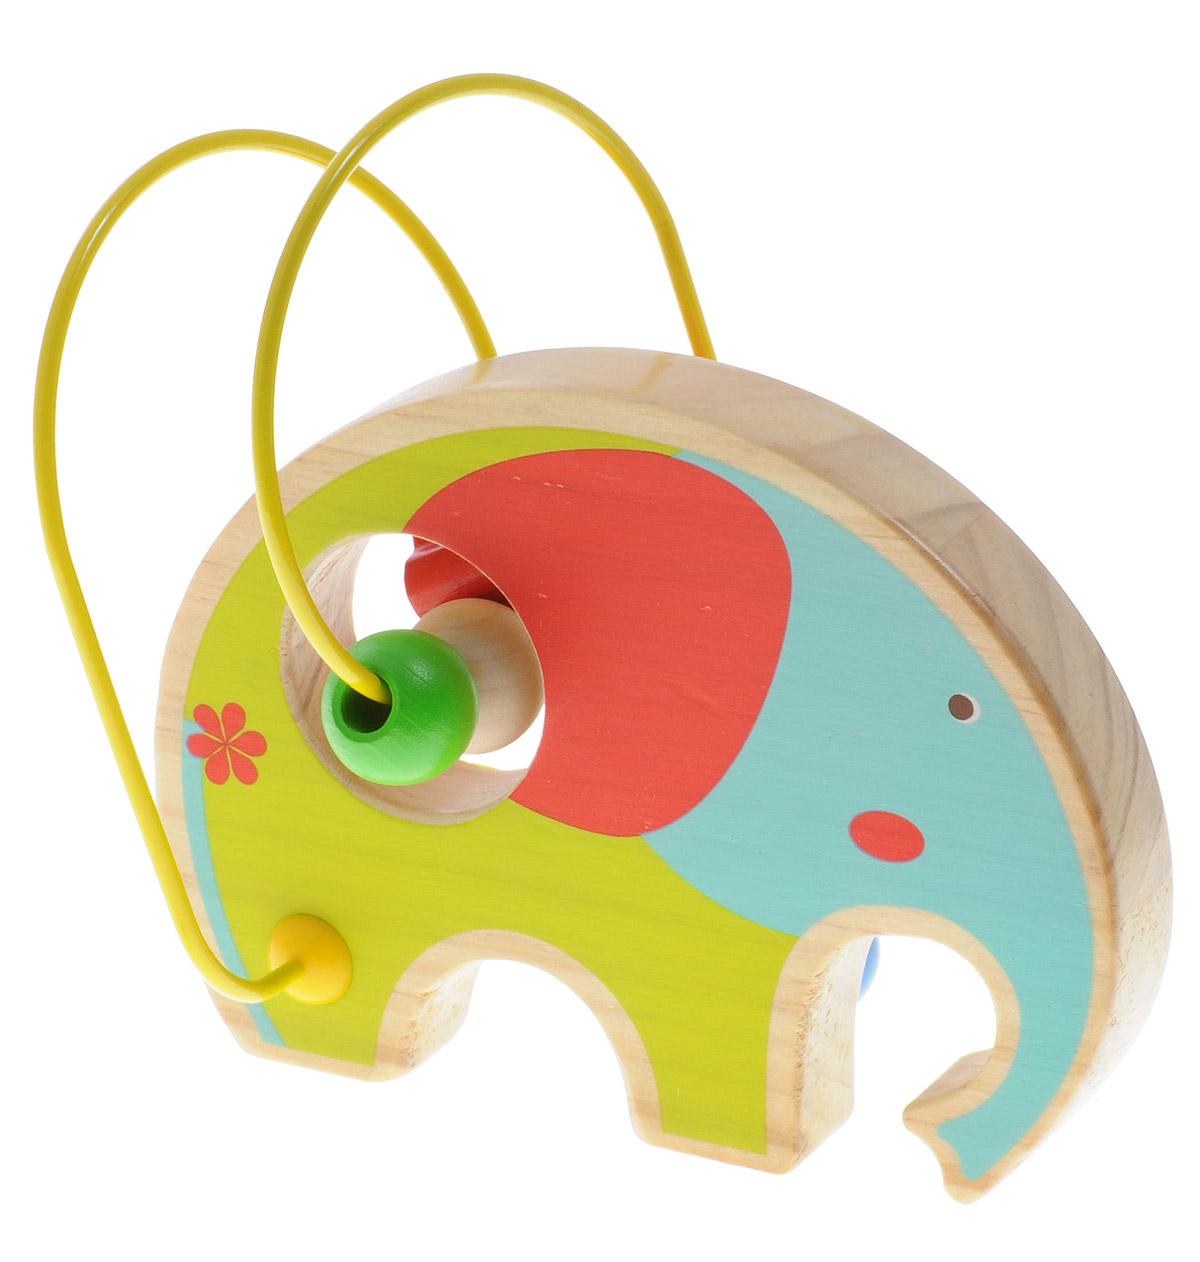 Lucy&Leo Лабиринт СлонLL131Лабиринт Lucy&Leo Слон - это замечательная игрушка для малышей! Игрушка в виде слона выполнена из качественных материалов по европейским стандартам и покрыта специальной краской на водной основе, которая абсолютно безопасна для вашего малыша. Краска устойчива к воздействию влаги и нетоксична, рисунок на изделии долгое время будет сохранять яркость. Натуральное дерево, из которого изготовлена игрушка, прошло специальную обработку, в результате чего на модели не осталось острых углов или шероховатых поверхностей, которые могут повредить кожу ребенка. К игрушке прикреплена изогнутая проволока, по которой свободно могут двигаться фигурки, различные по цвету и форме. Мелкие детали не снимаются. Лабиринт способствует развитию моторики, тренирует мышцы кисти, отрабатывает круговые движения, стимулирует визуальное восприятие, когнитивное мышление, развивает интеллектуальные способности. Отлично подойдет для первых знакомств с цветом и формой.